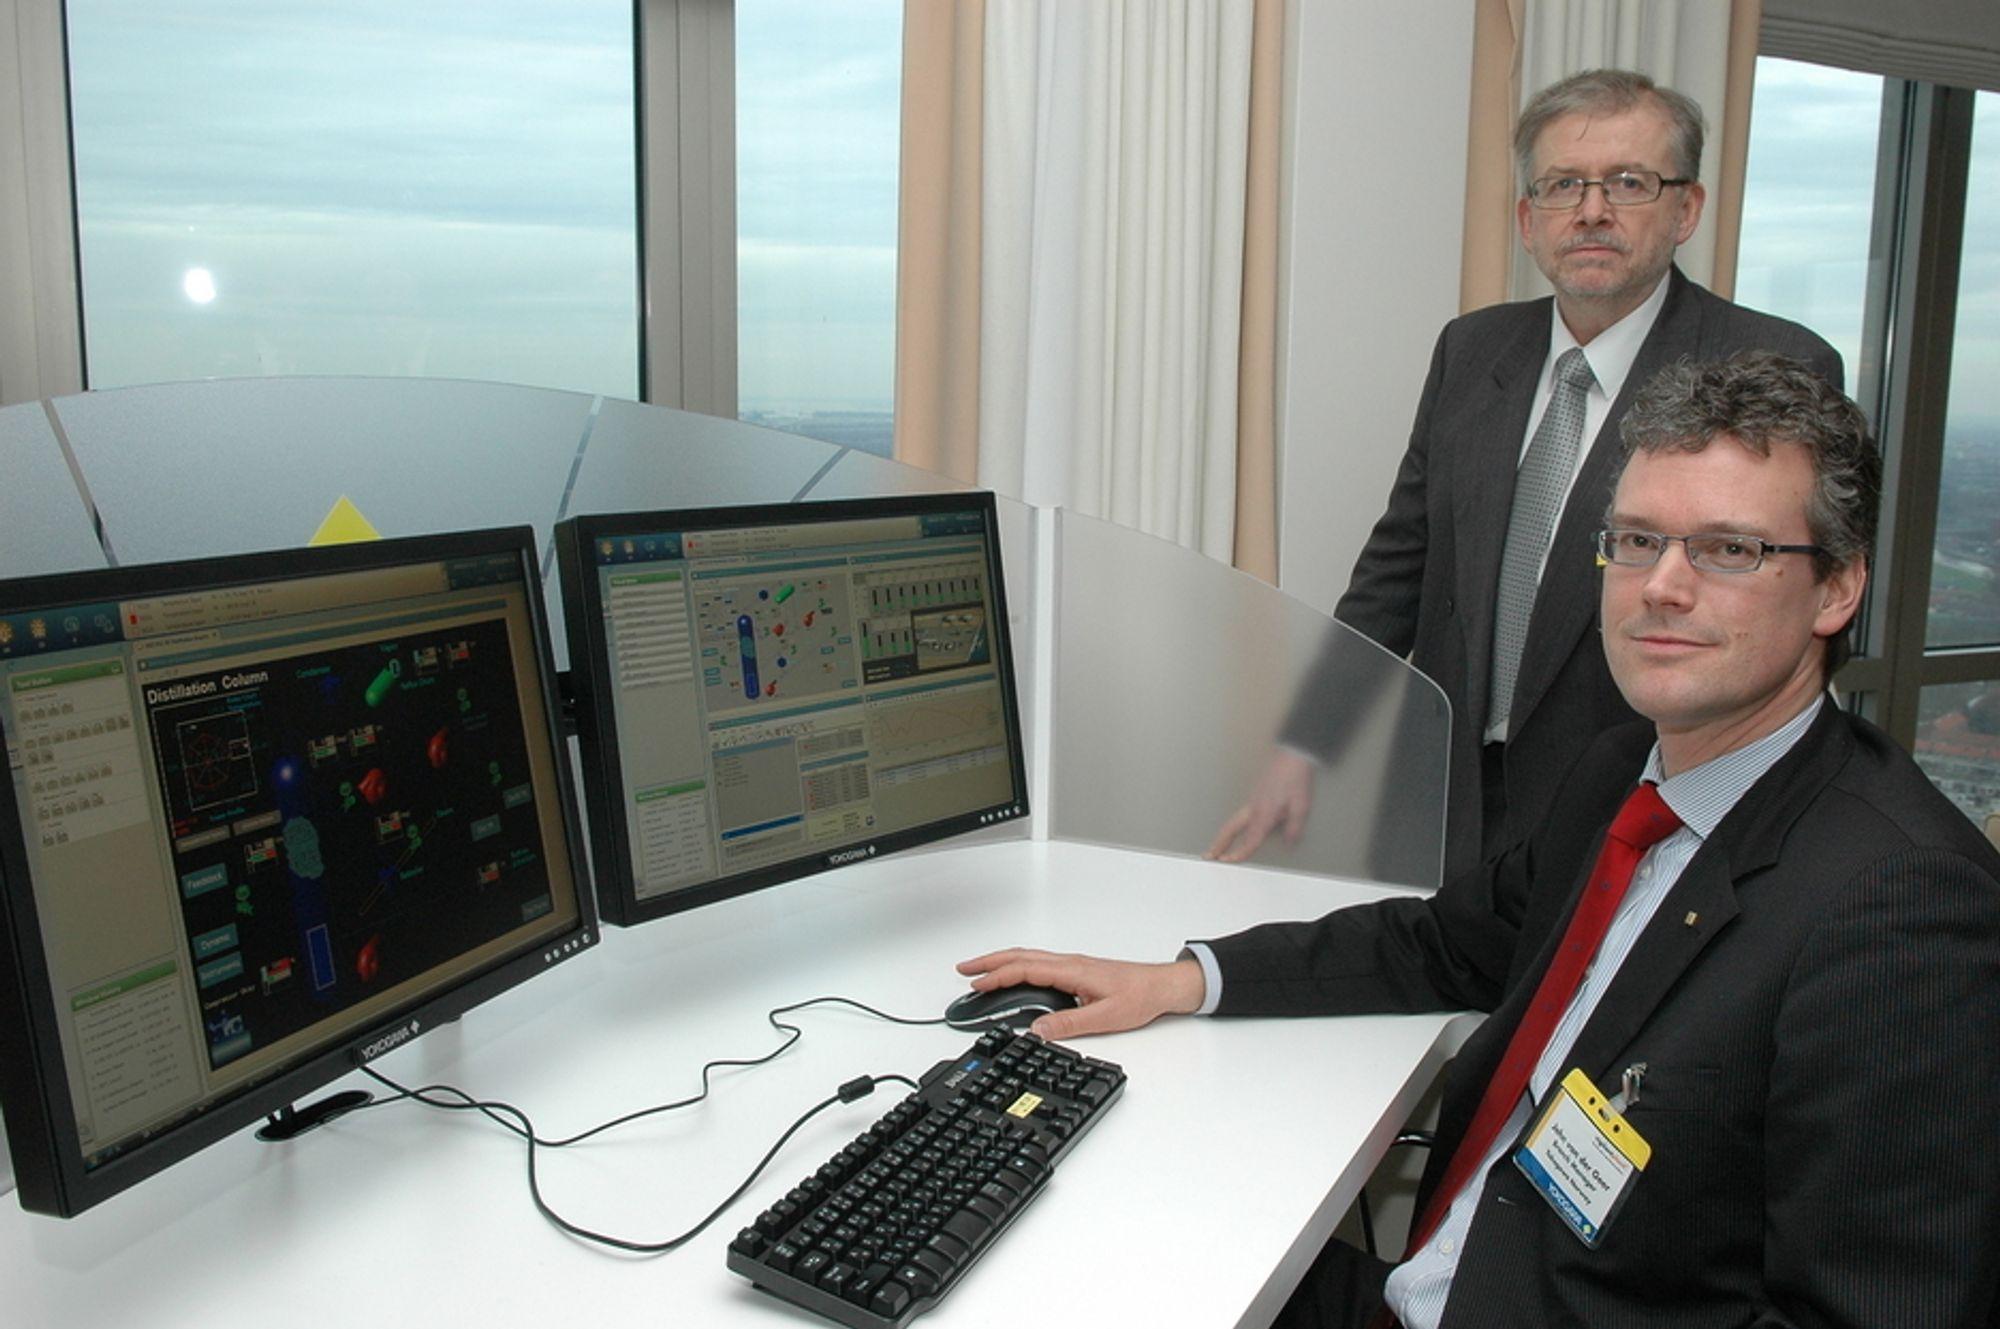 NYTT SYSTEM: - Centrum VP er helt nytt kontrollsystem med forenklet mann - maskinkommunikasjon. Det er basert på MS Vista som operativsystem, forteller John van der Geer. Bak Per Kølner som leverer Yokogawa instrumenter.